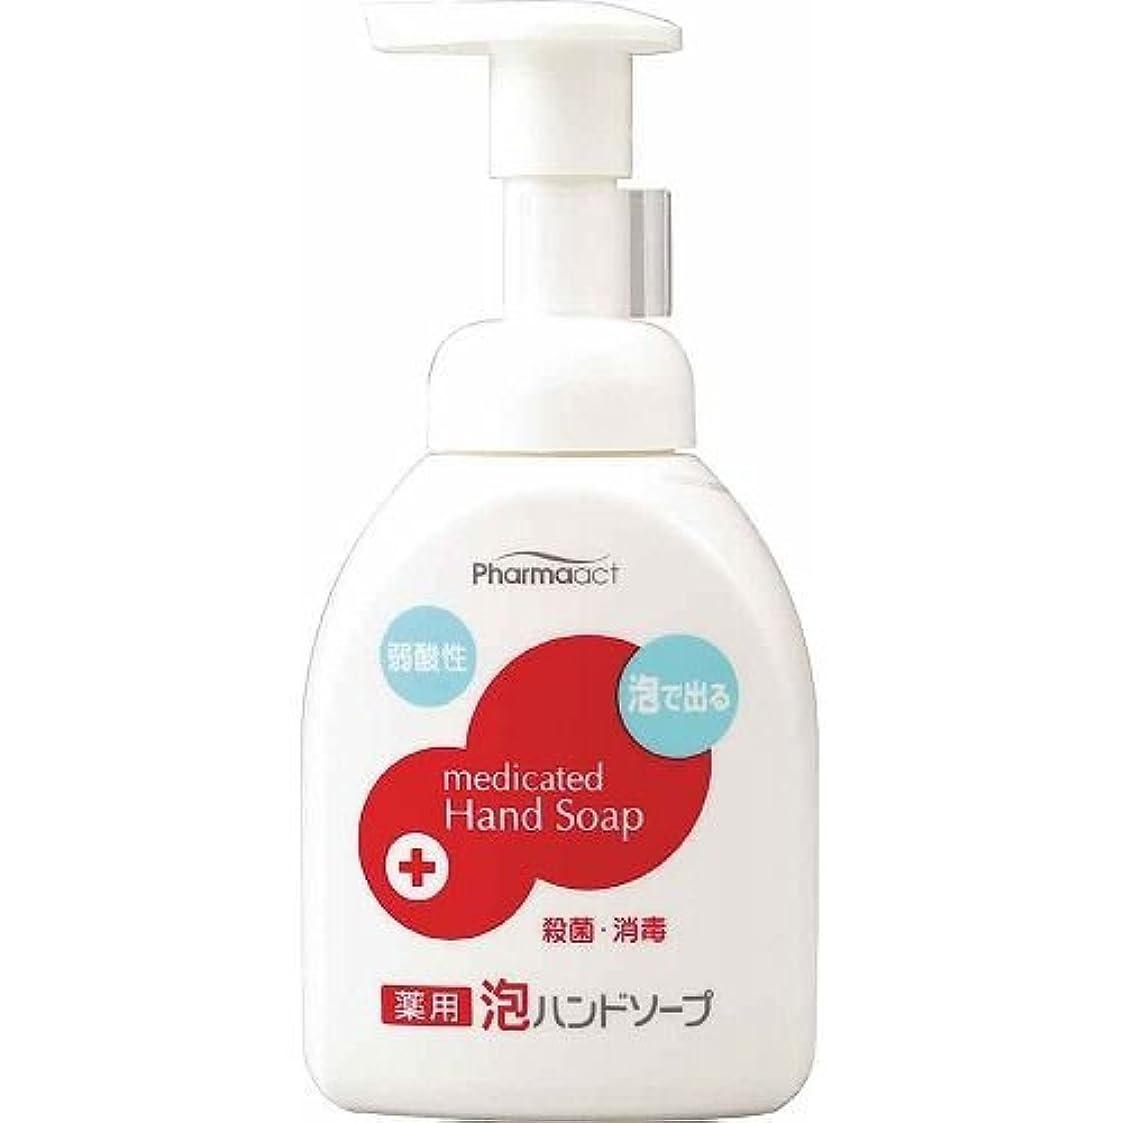 手製品明らかにする【まとめ買い】ファーマアクト 弱酸性薬用泡ハンドソープボトル 250ml ×5個